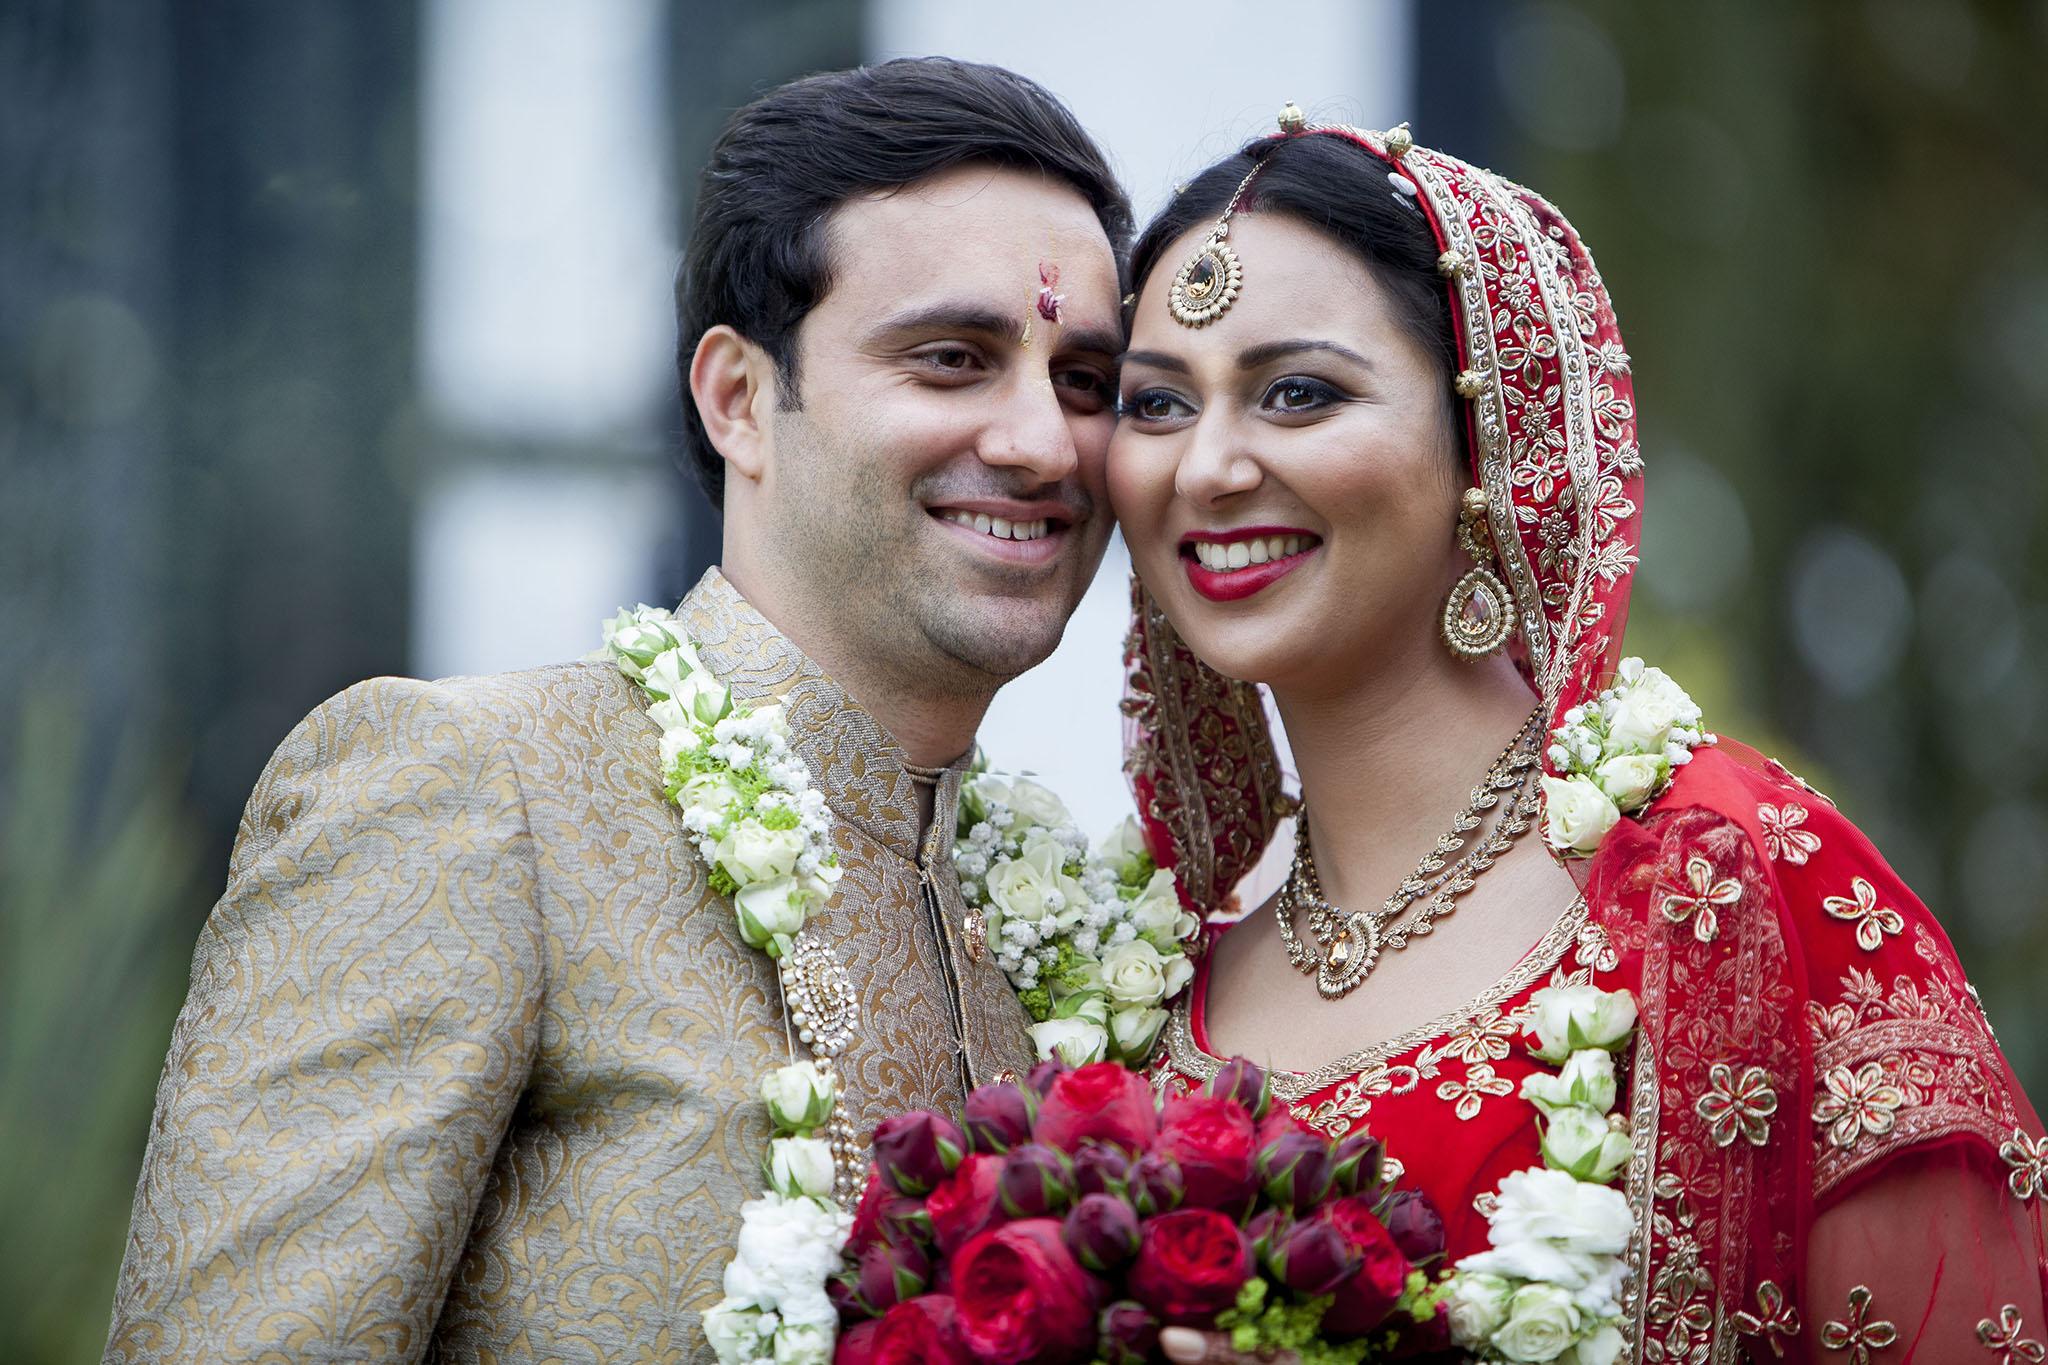 elizabethgphotography_kingslangley_hertfordshire_fineart_indian_wedding_photography_bhavesh_kundalata_bhaktivedanta_manor_watford_jpg62.jpg